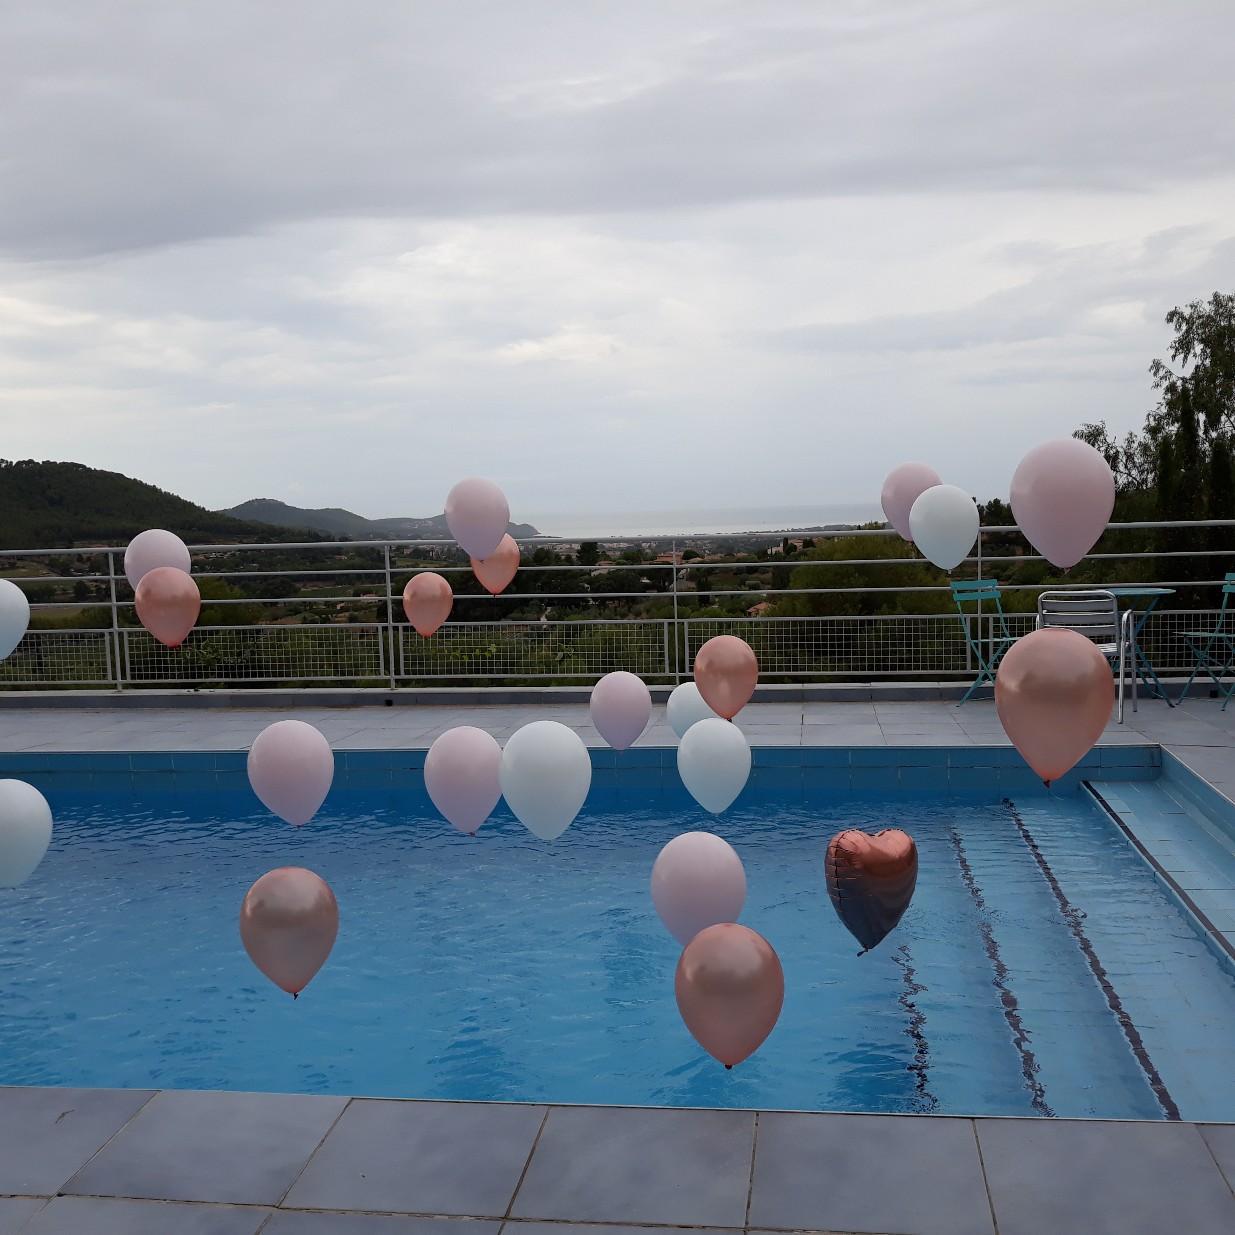 Hélium ballon piscine